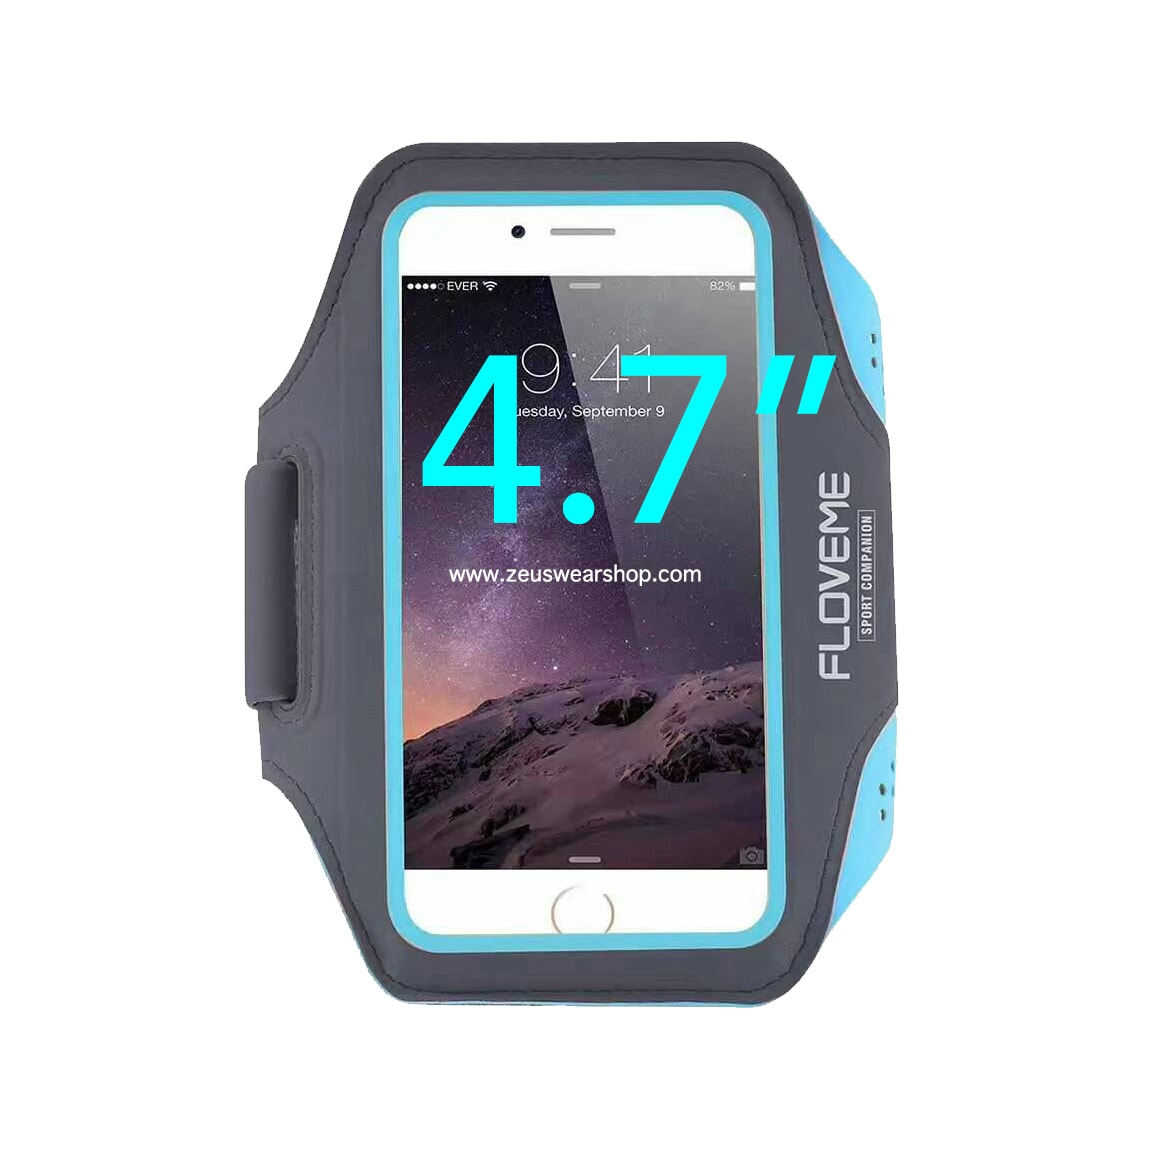 สายรัดแขนวิ่ง สีฟ้า Armband ใส่โทรศัพท์หน้าจอ 4.7 นิ้ว